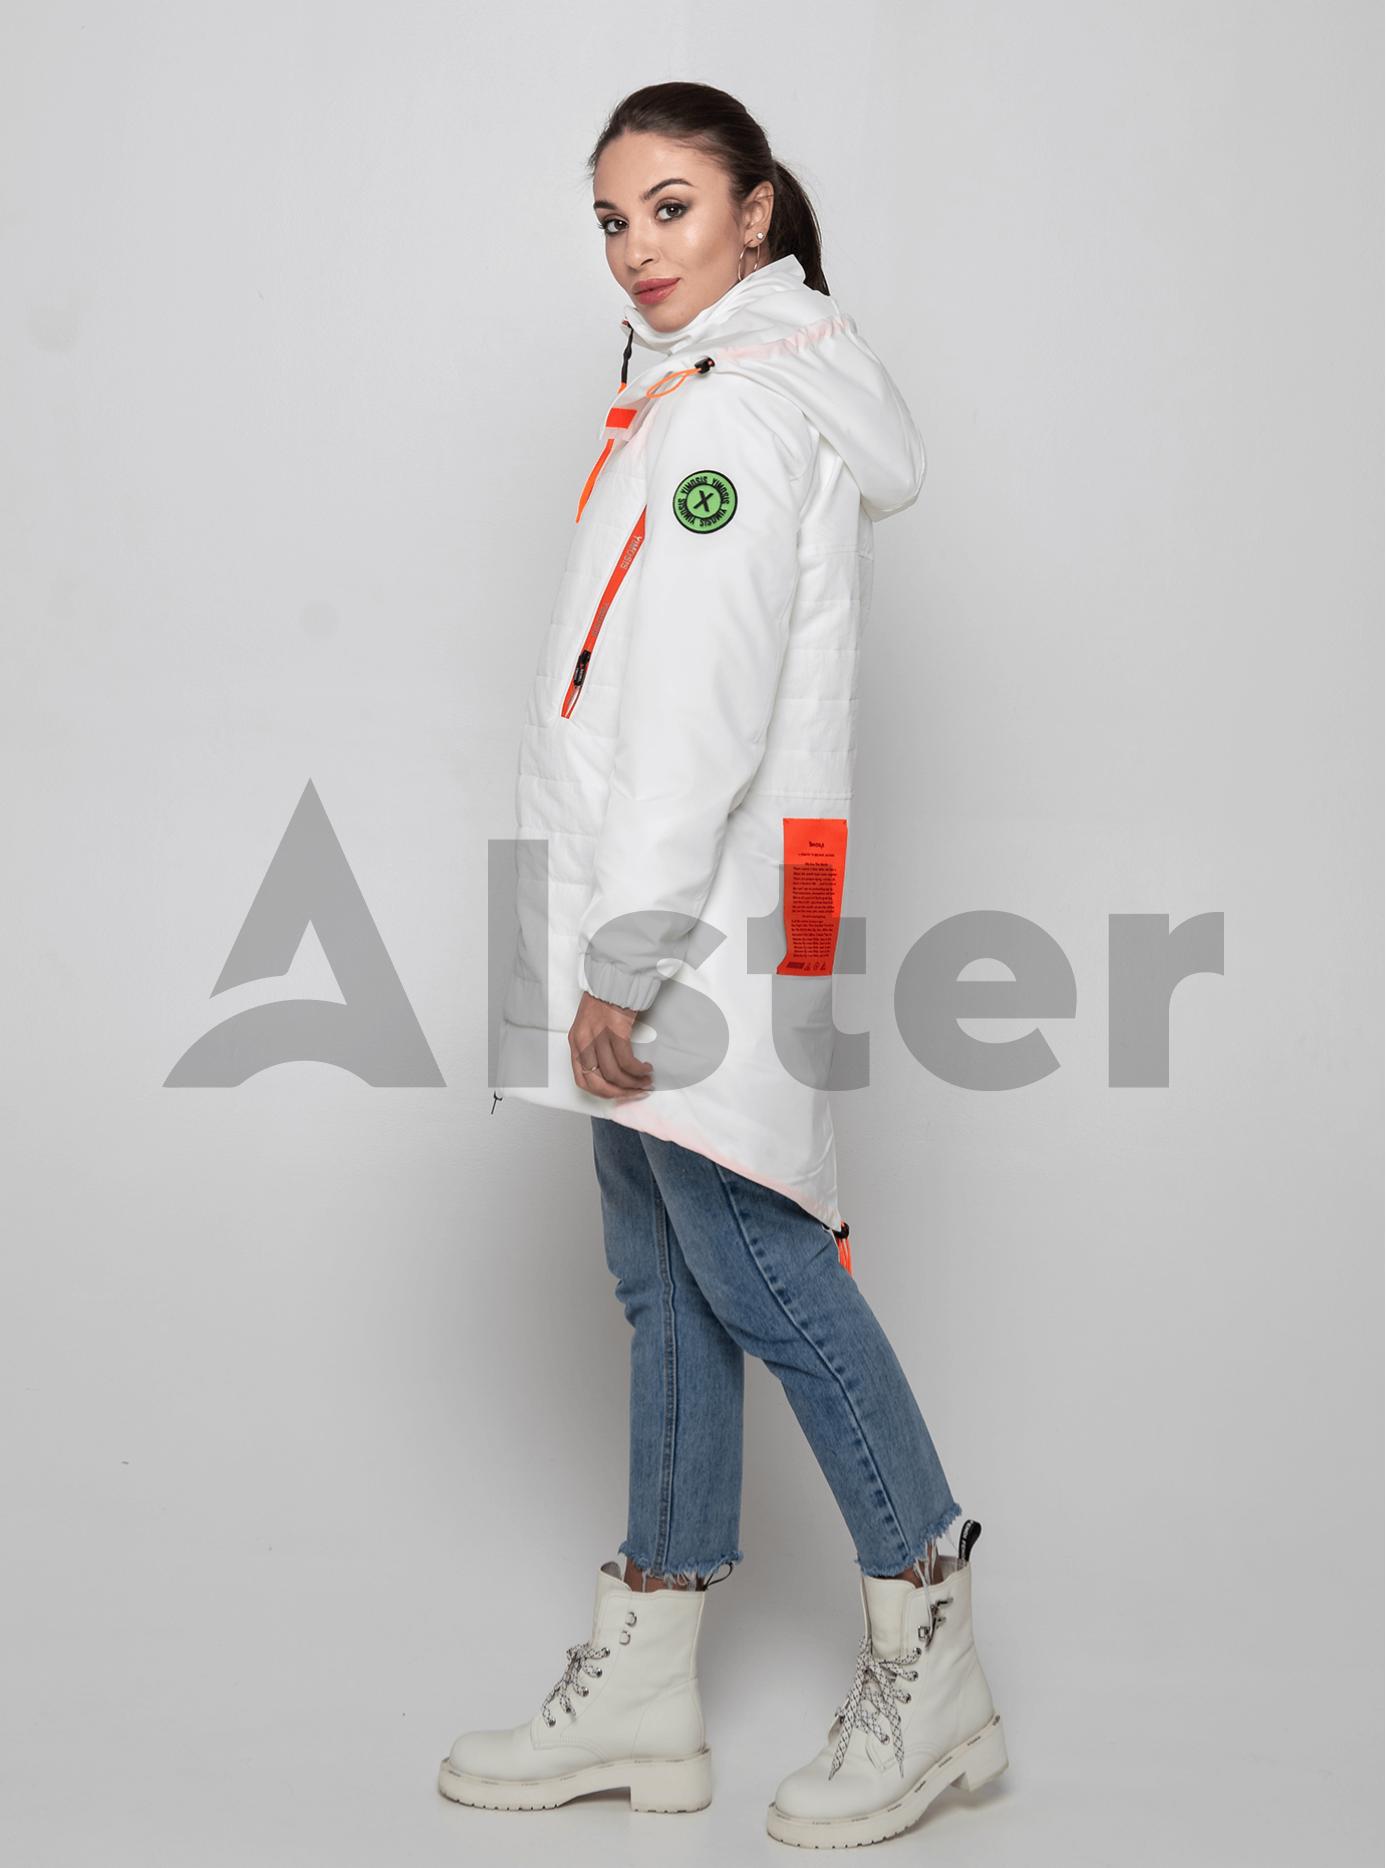 Куртка демисезонная средней длины Белый M (02-Y191009): фото - Alster.ua